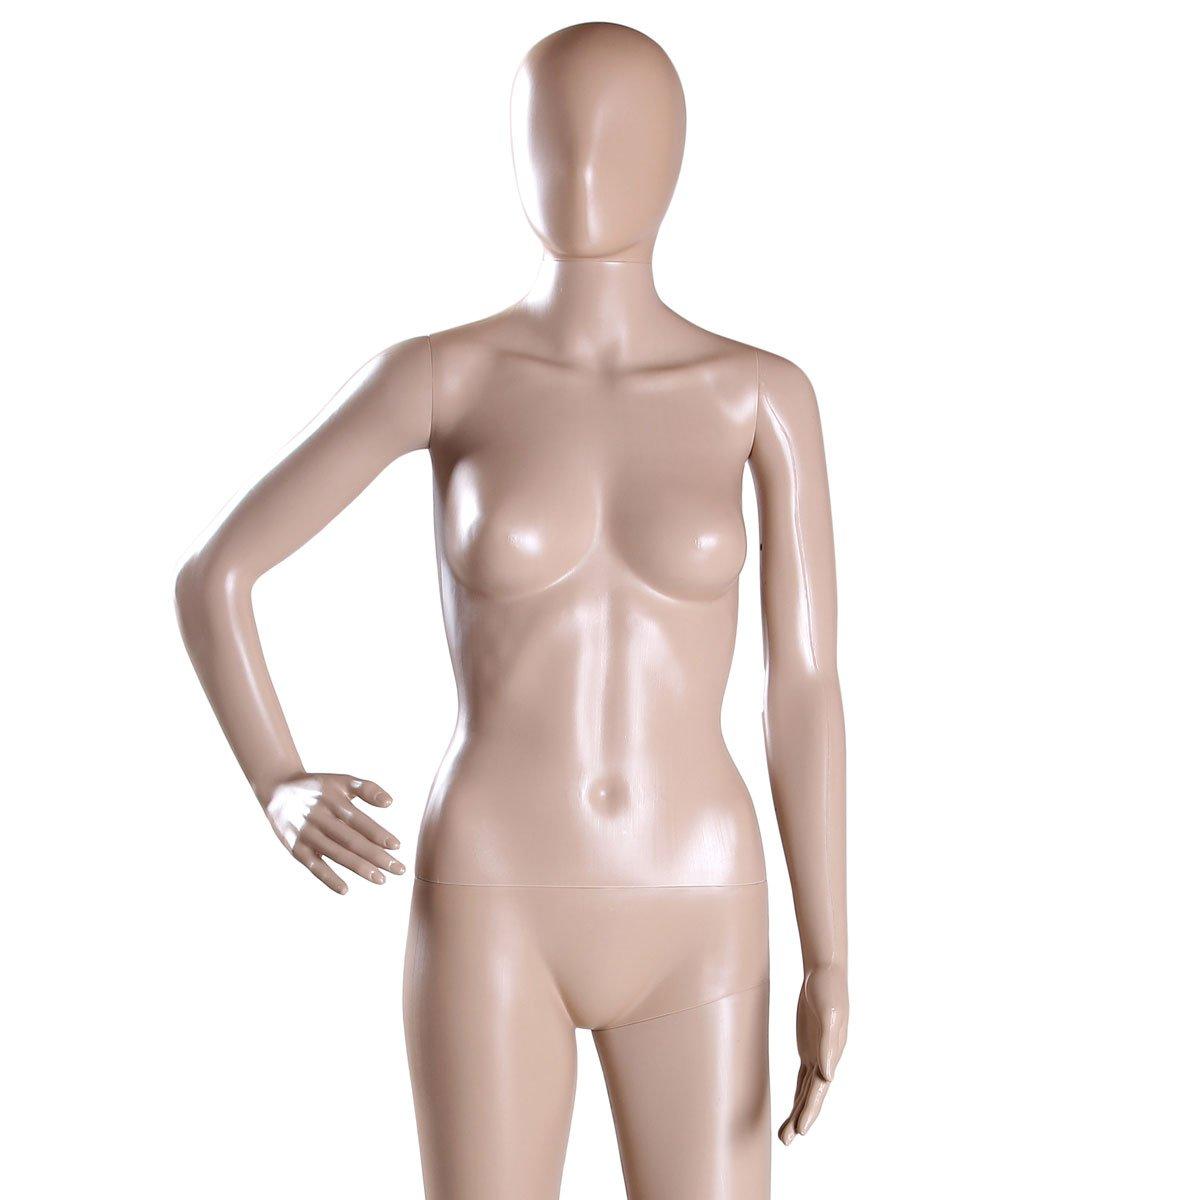 FC-11 female mannequin